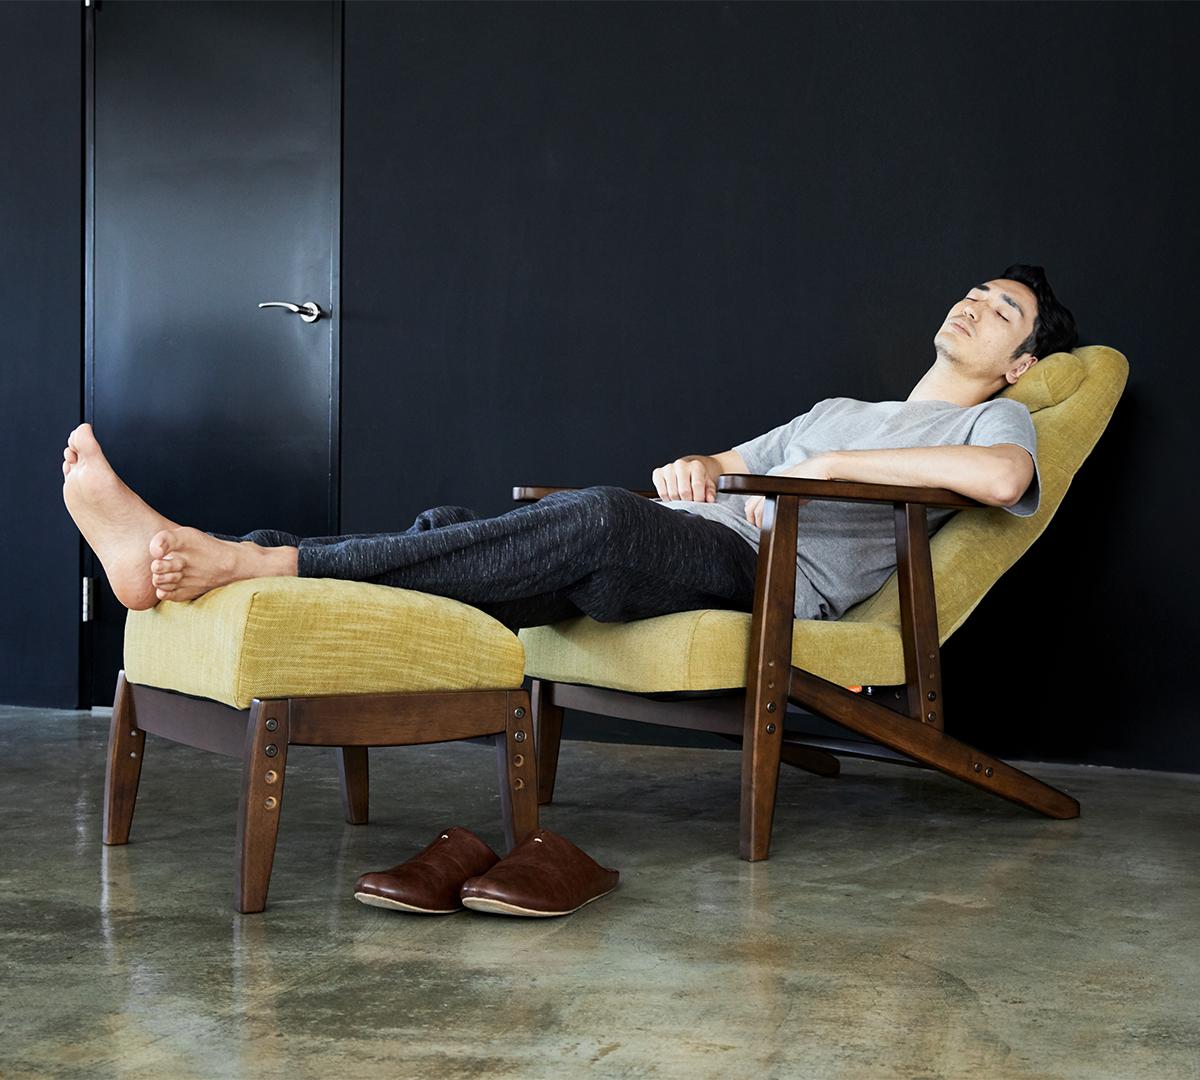 体にいい姿勢でリラックス!首も腰も好きな角度に調節できる寝椅子(リクライニングチェア)|P!nto